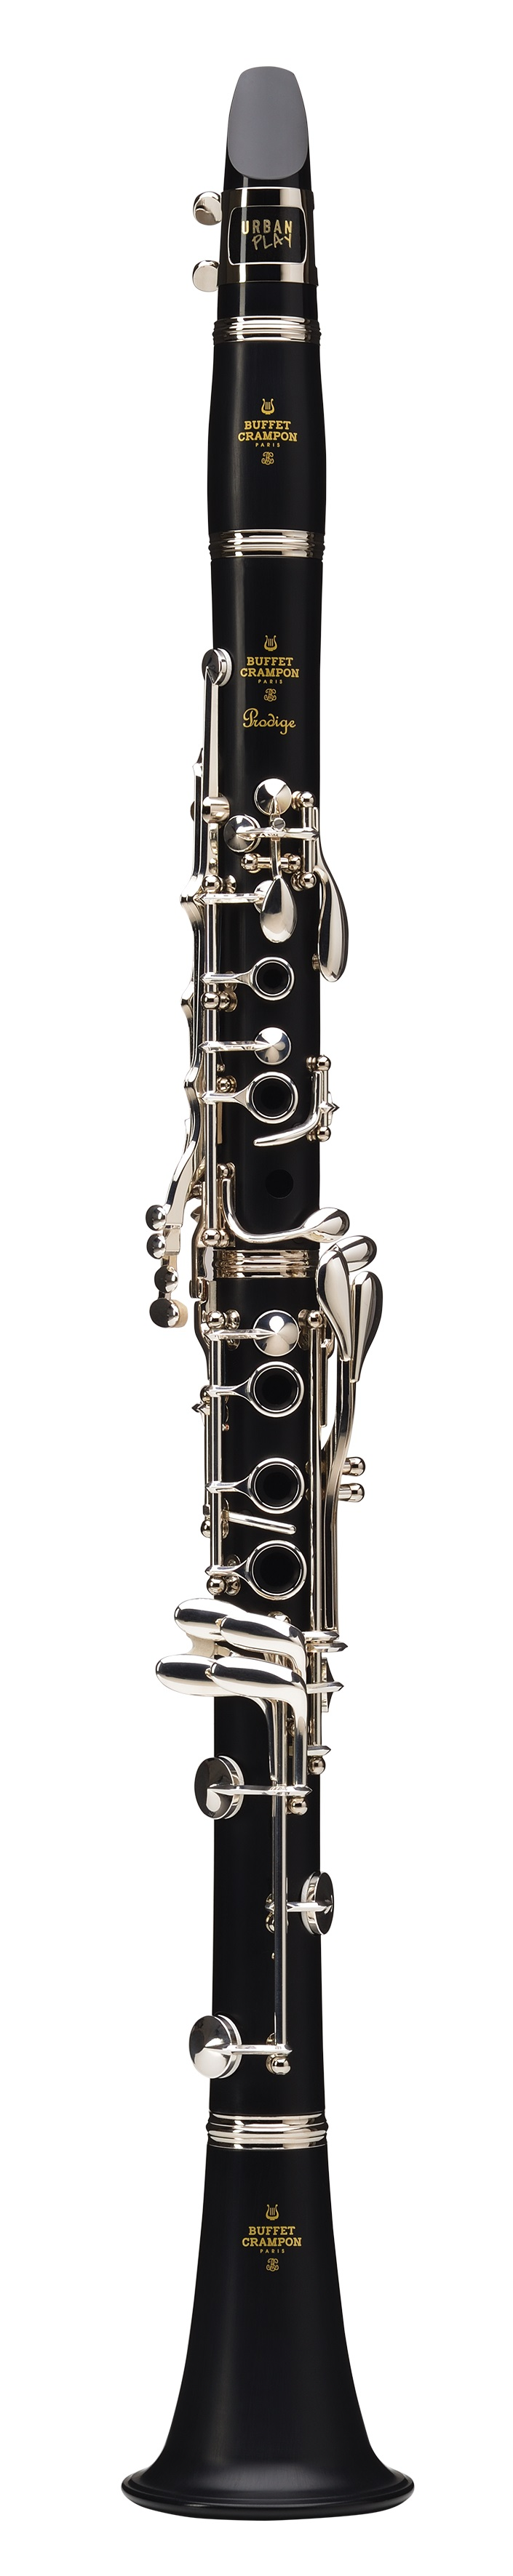 Buffet - BC - 2541 - 2 - 0GB - Prodige - Holzblasinstrumente - Klarinetten | MUSIK BERTRAM Deutschland Freiburg